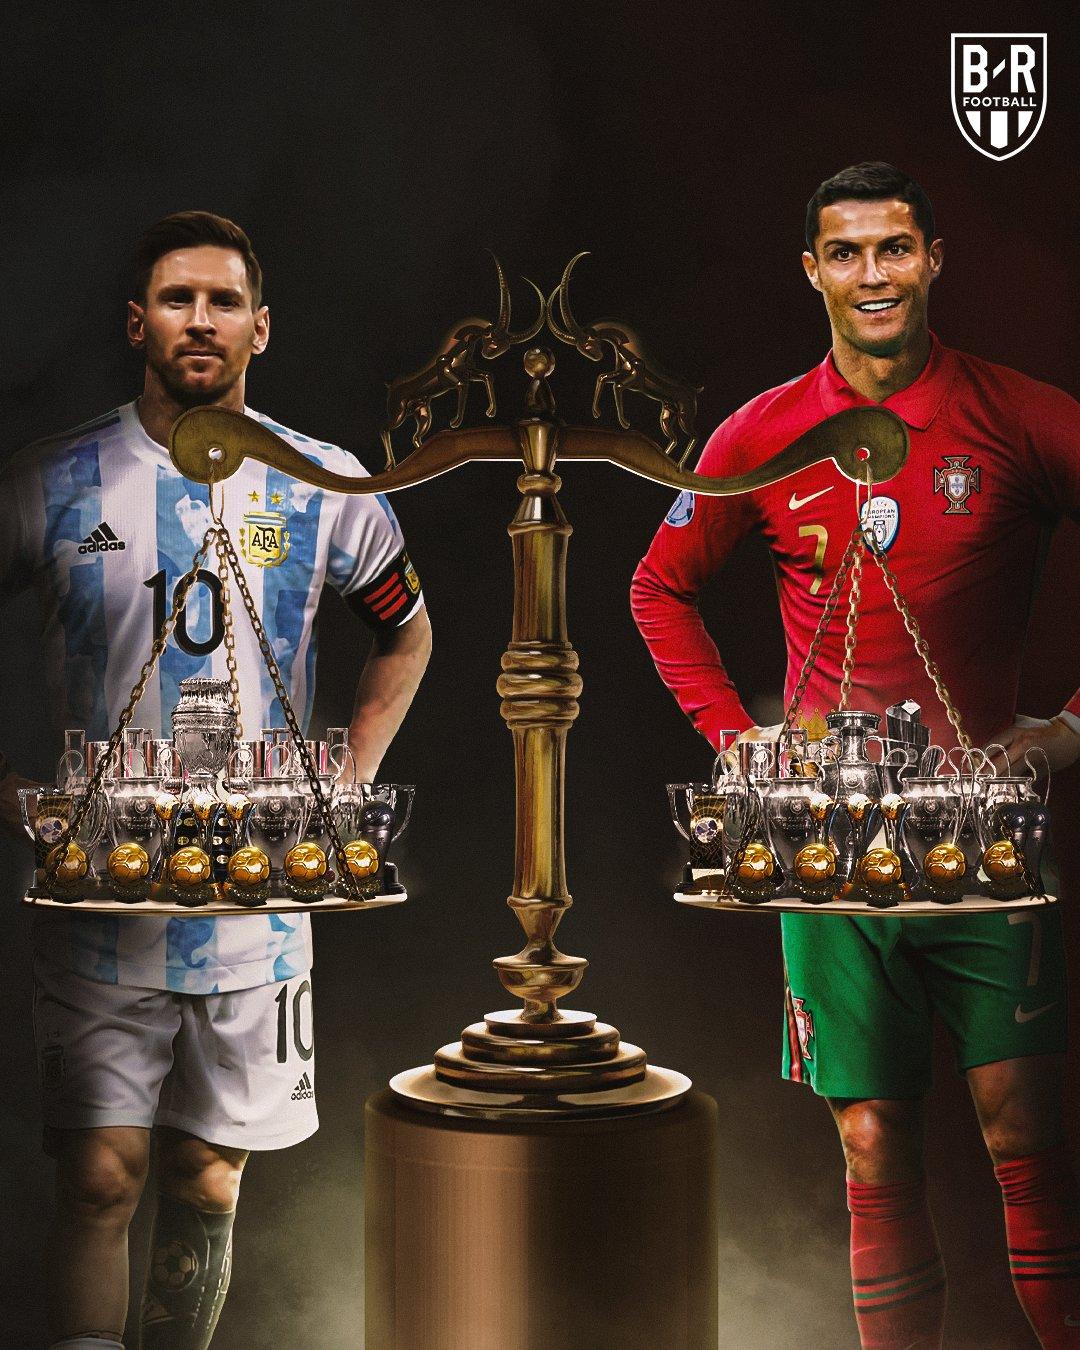 Bộ sưu tập danh hiệu của Messi và Ronaldo.